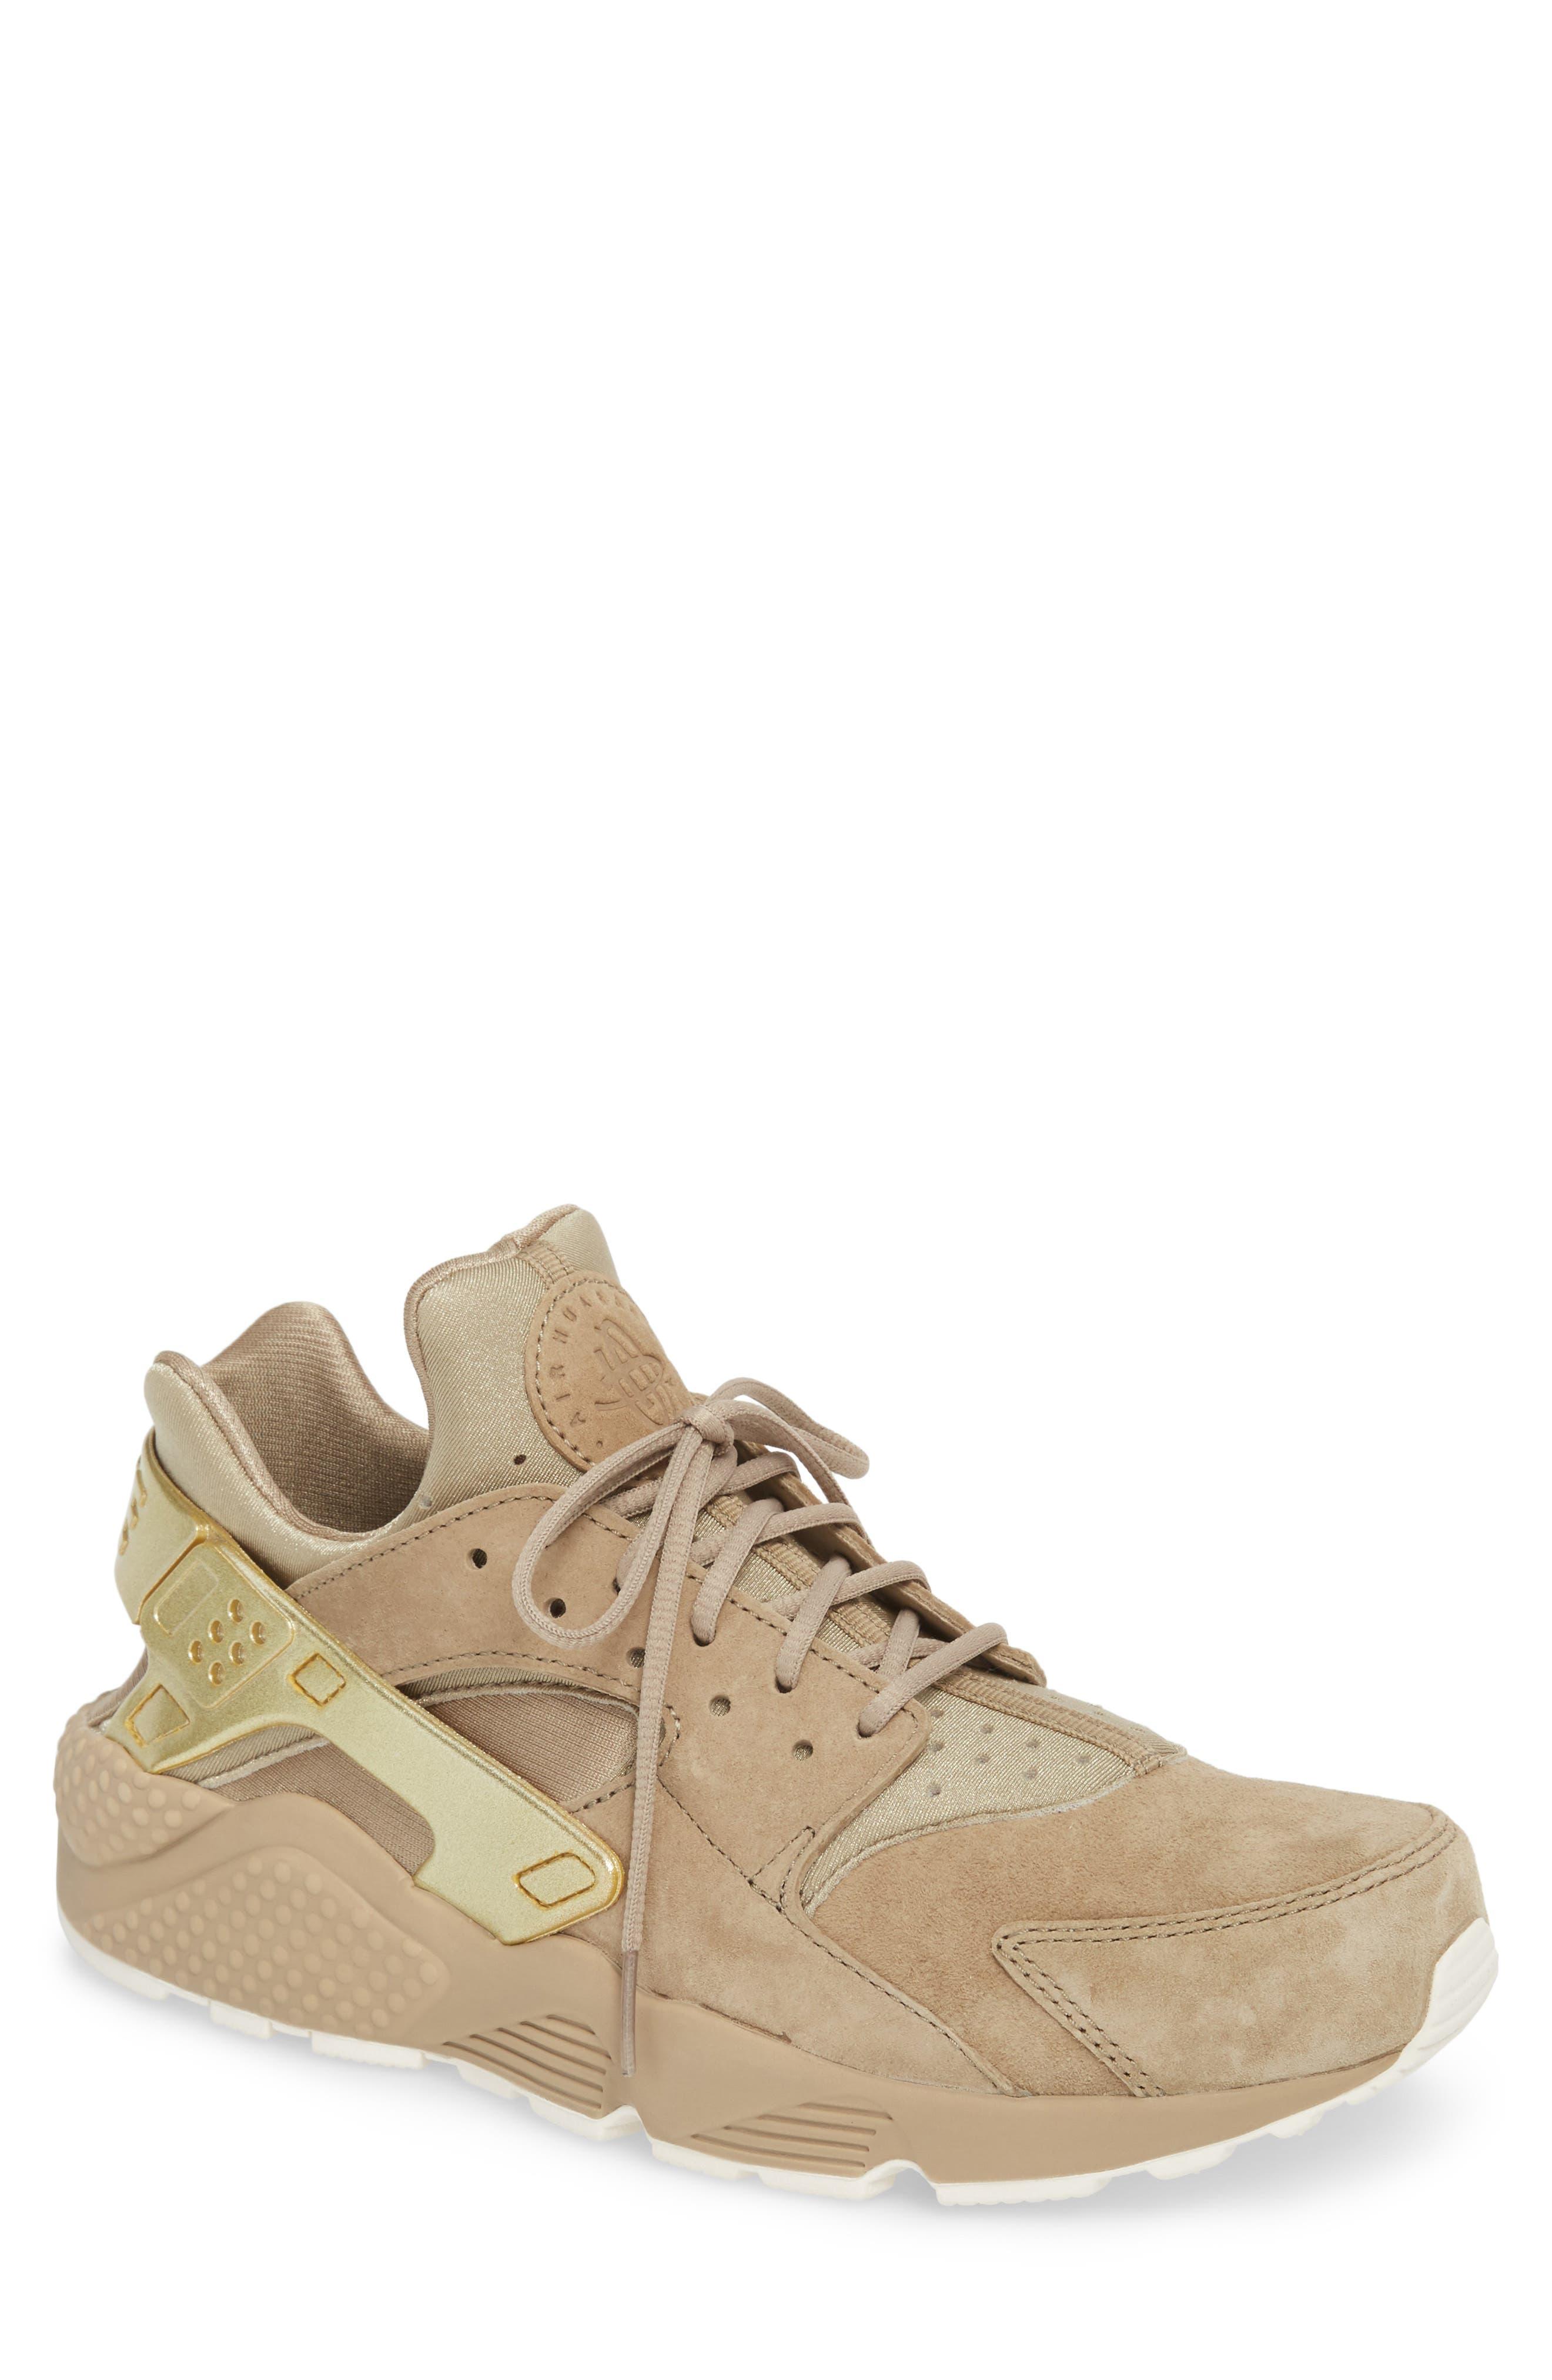 'Air Huarache Premiere' Sneaker,                             Main thumbnail 1, color,                             Khaki/ Gold/ Sail